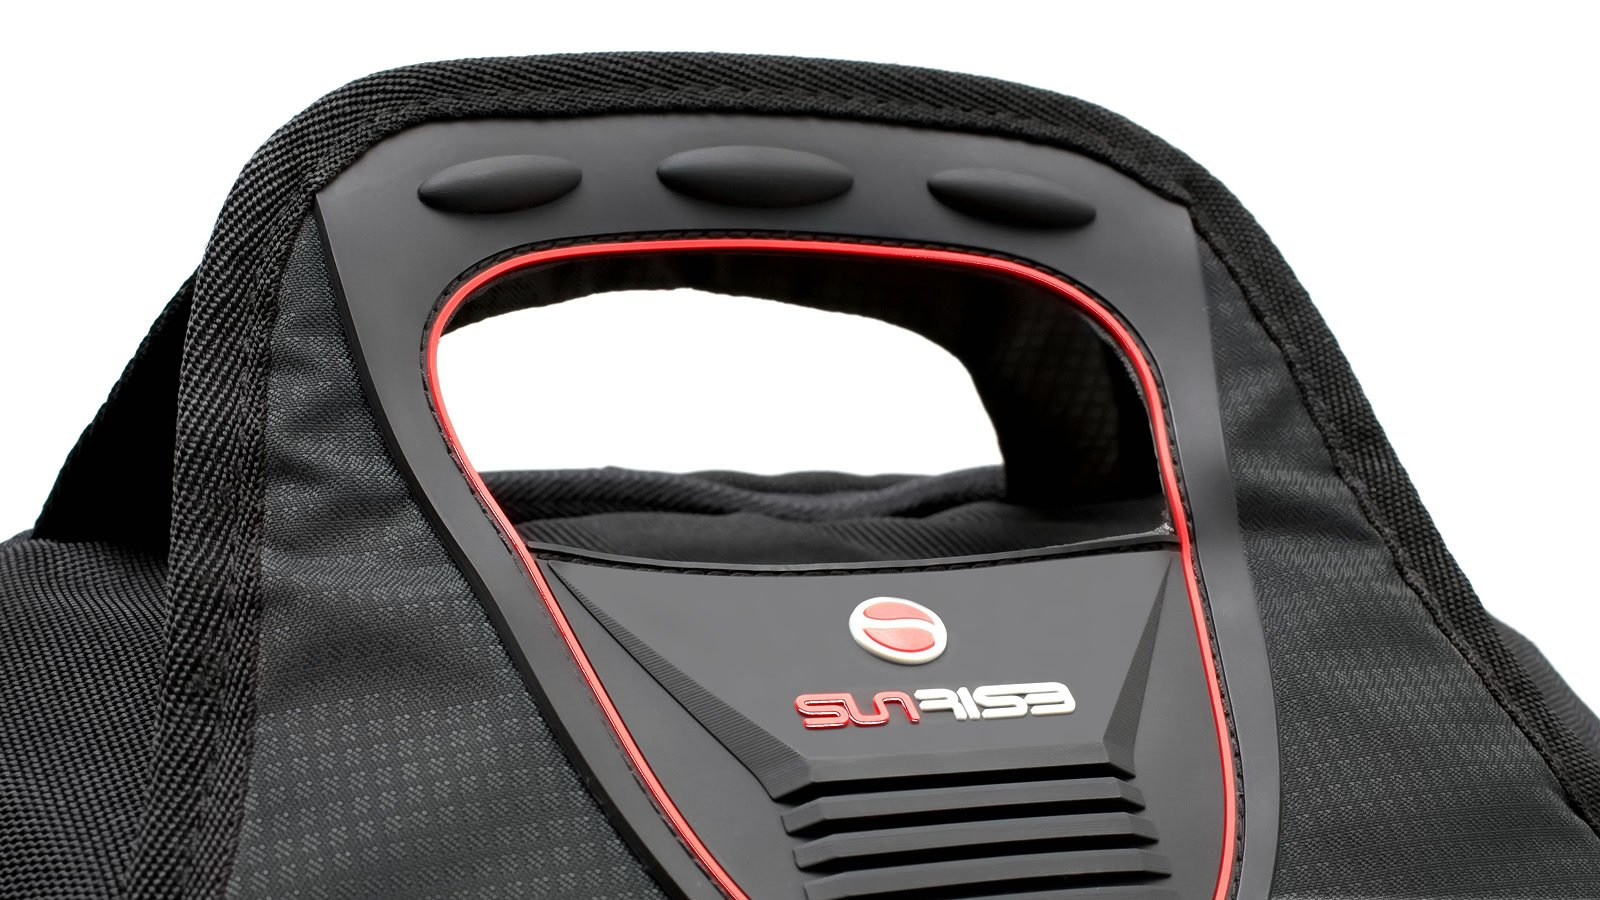 Tragegriff ist in das Rucksackdesign integriert.